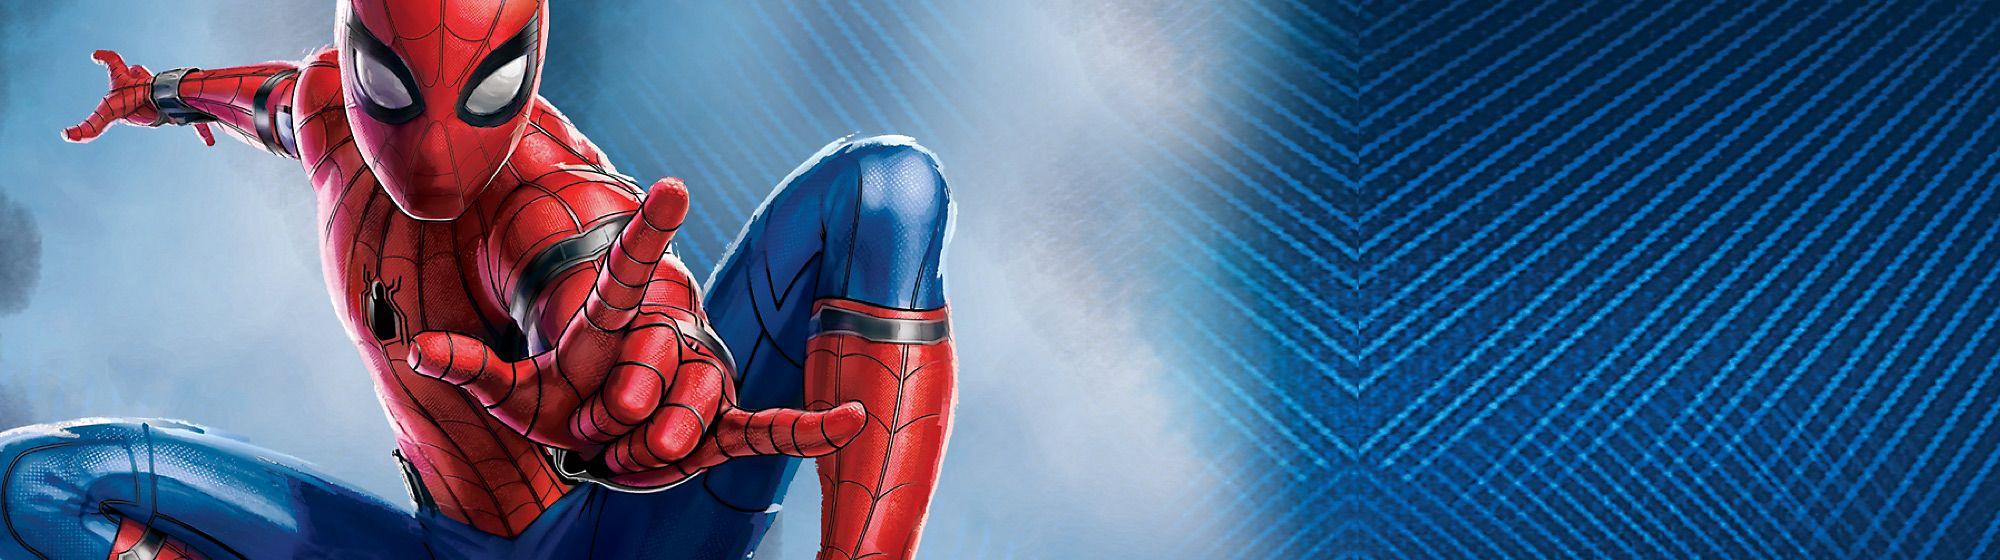 Spider-Man: Far From Home Scopri la collezione di giochi, costumi, abbigliamento e molto ancora.